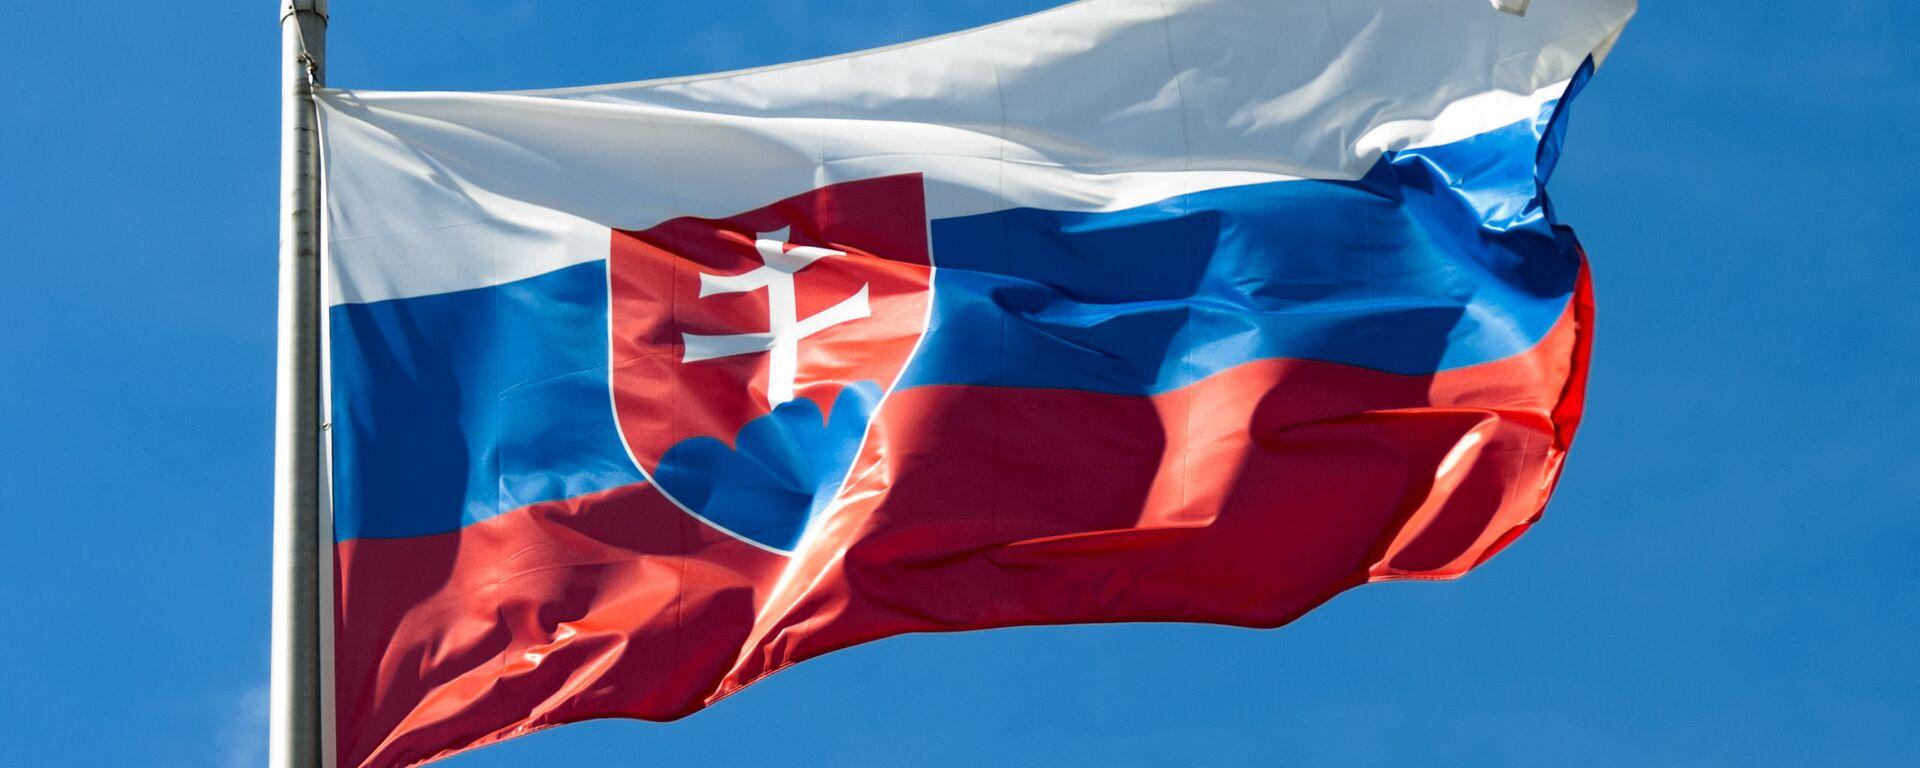 Slovenská vlajka  - Sputnik Česká republika, 1920, 03.05.2021